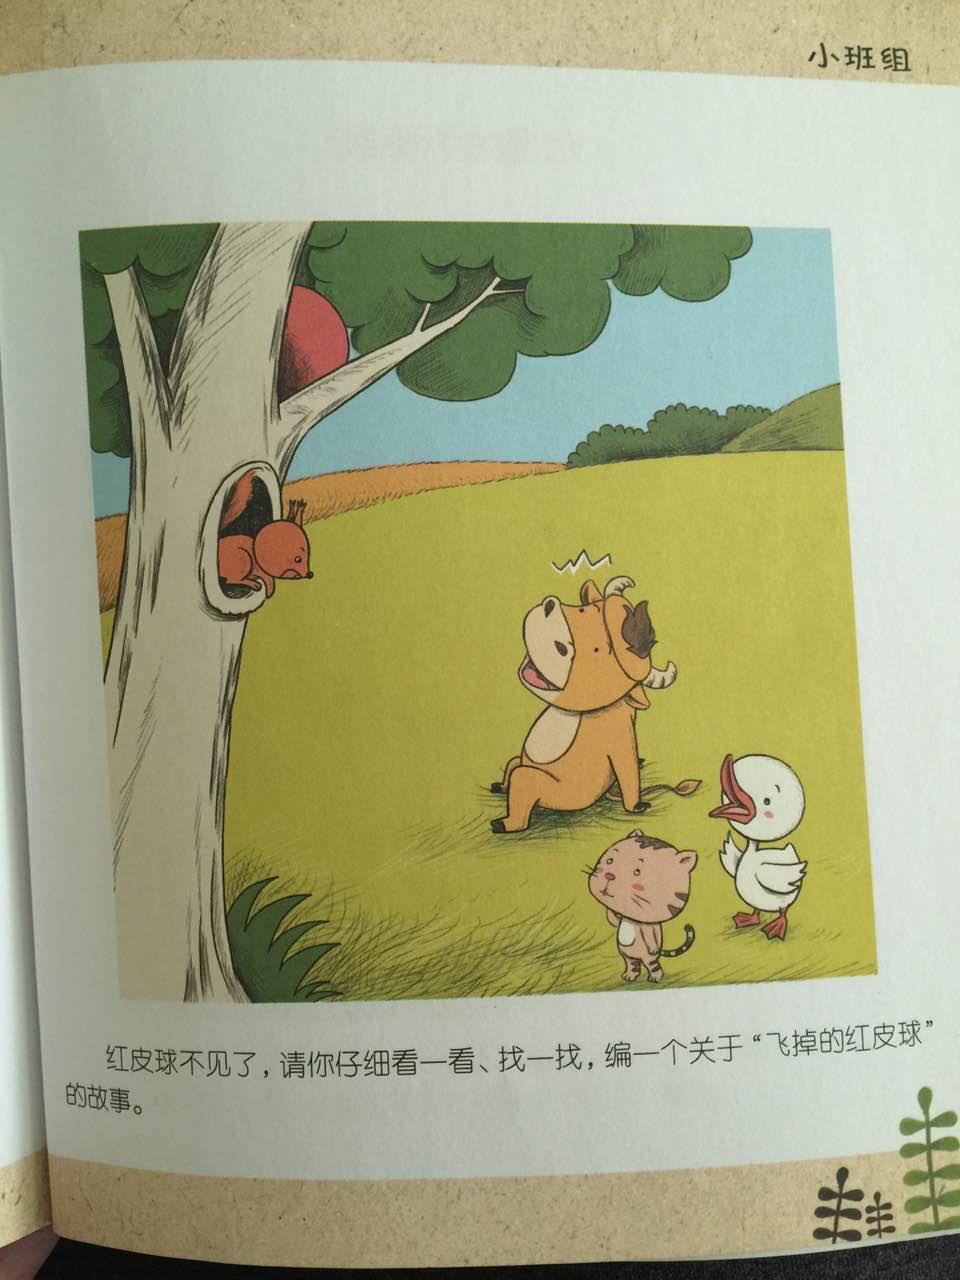 小鸭,小牛,小猫今天不用去幼儿园,他们结伴出游去山坡的草坪玩球.